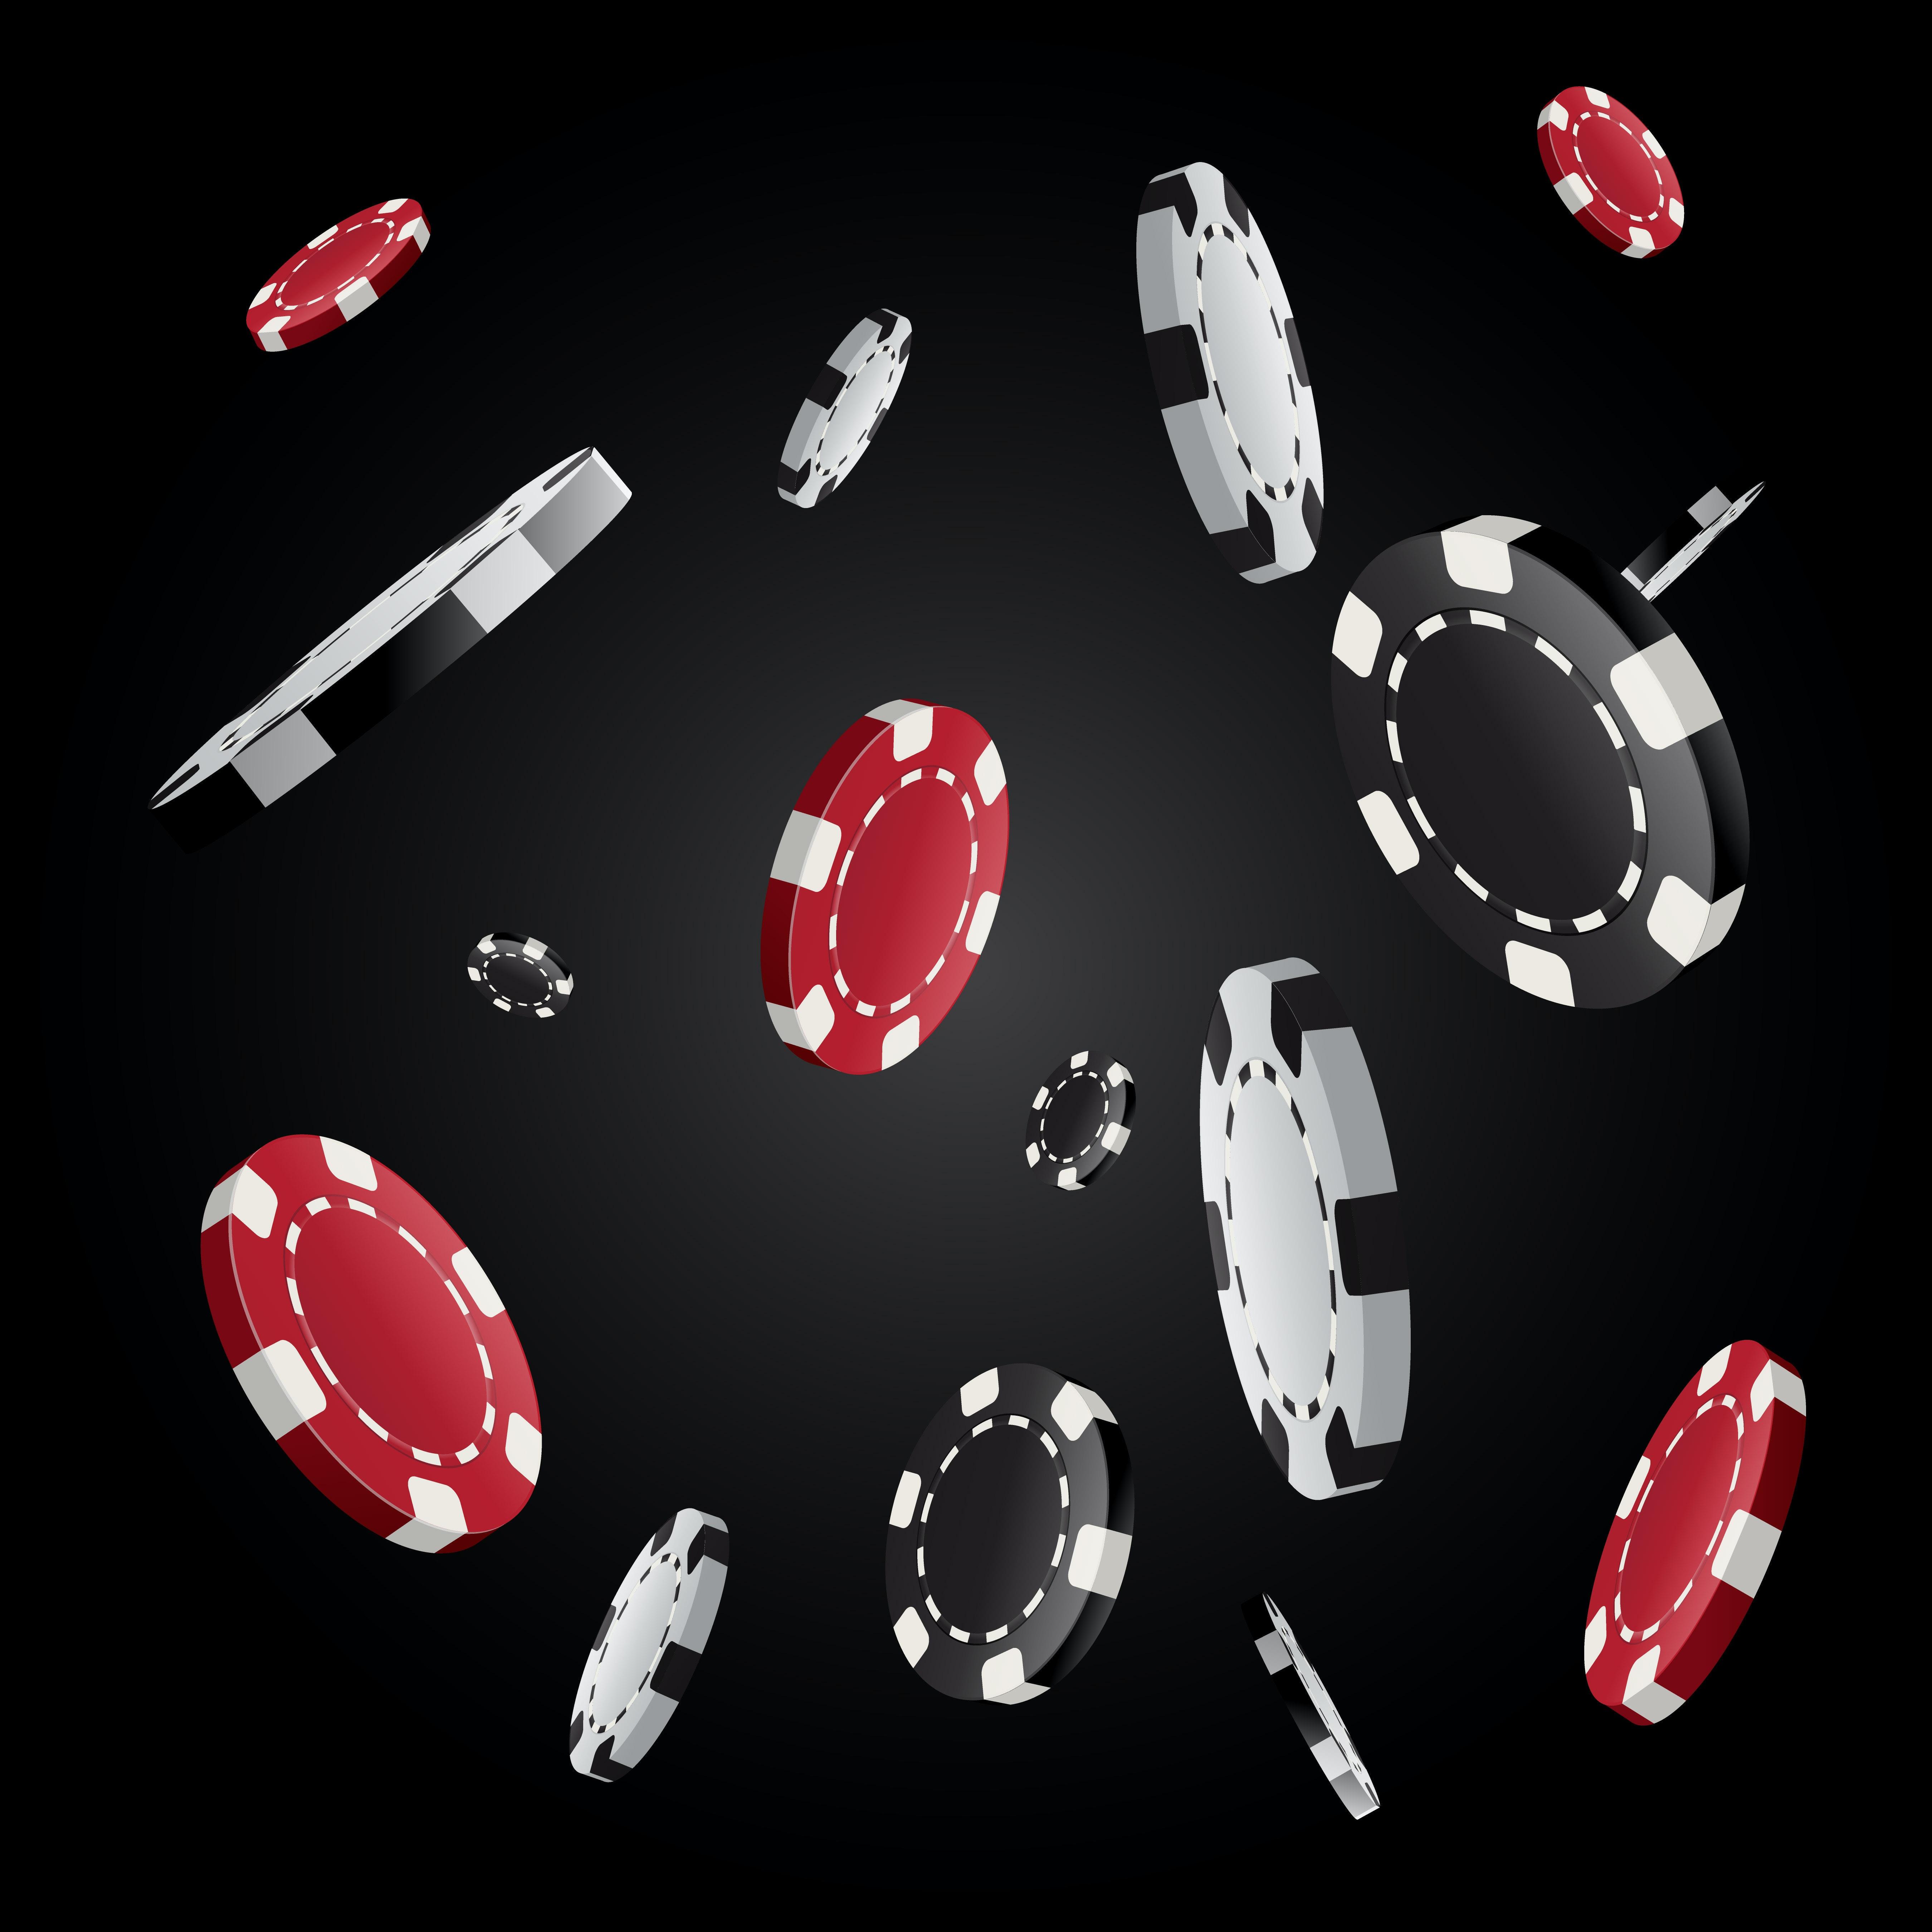 Os maiores torneios de Poker em 2019